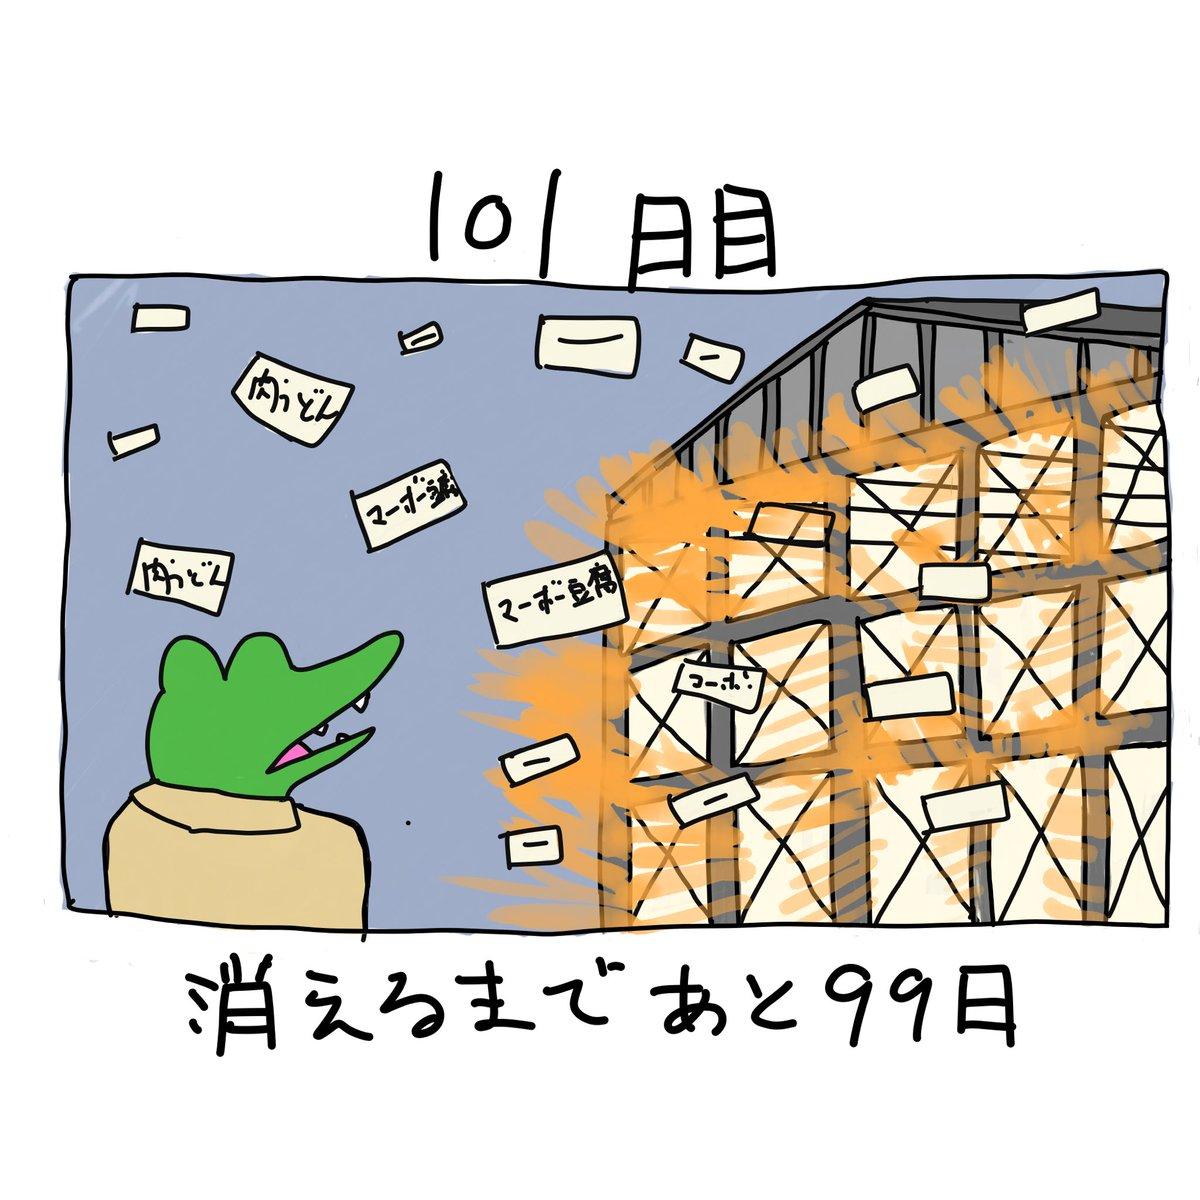 ワニ 101 日 目